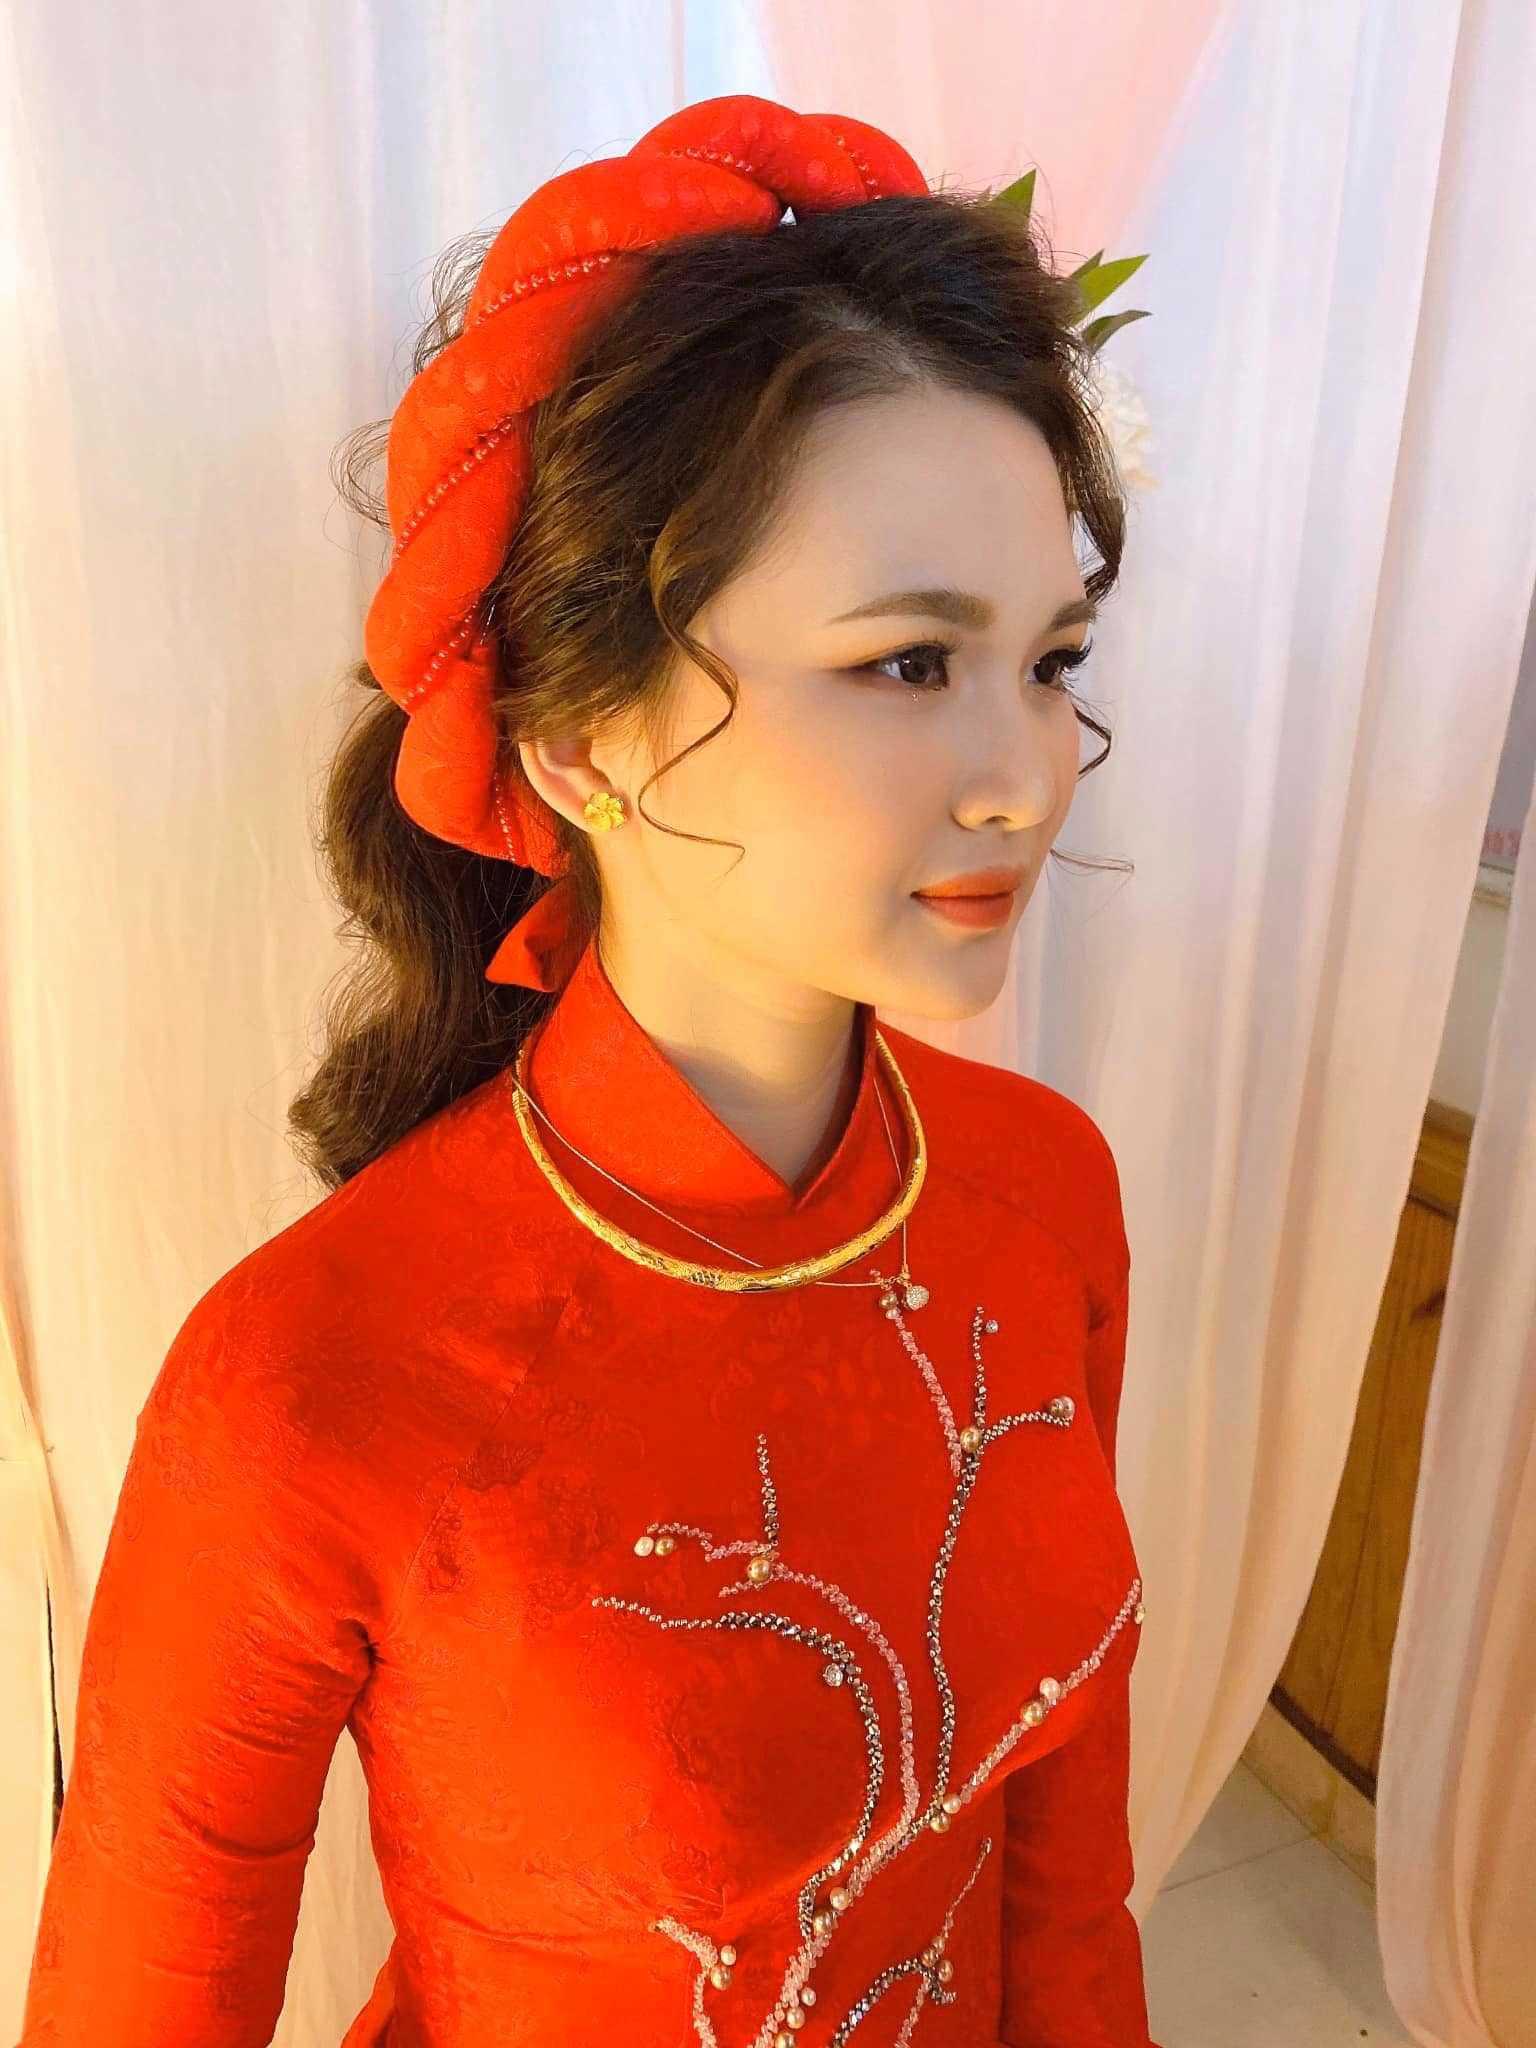 co-dau-can-chuan-bị-nhung-gi-truoc-khi-make-up